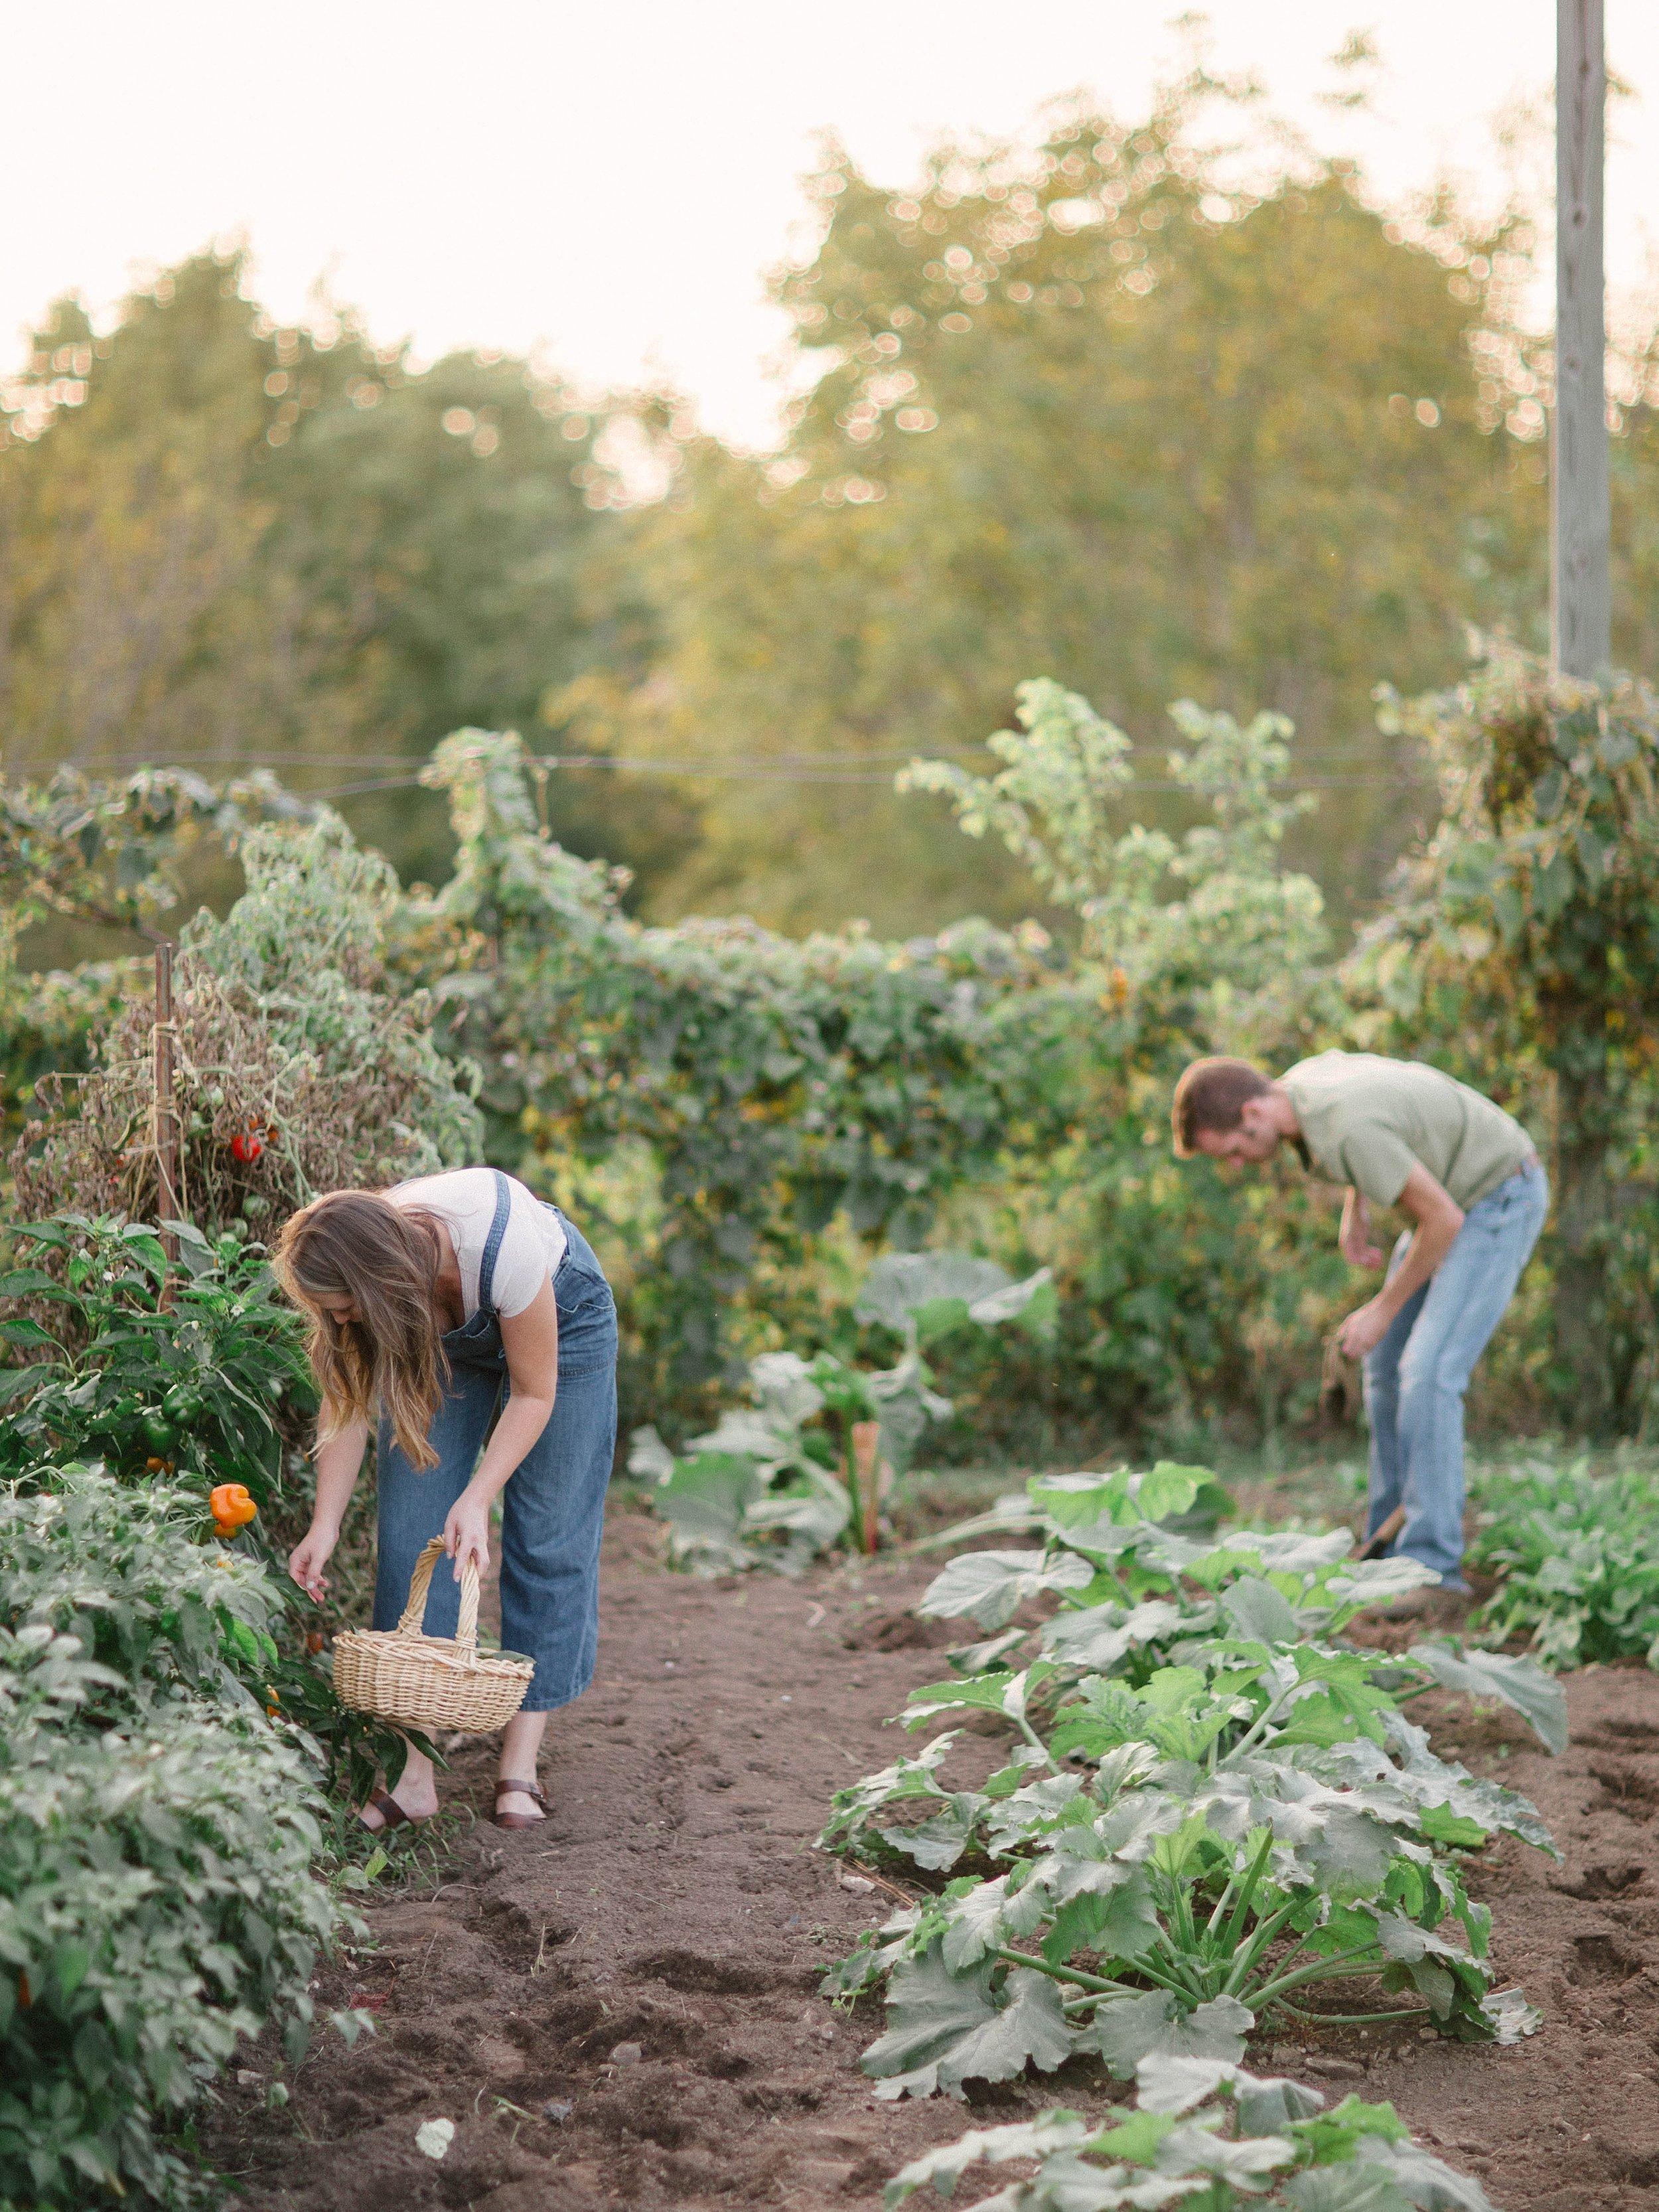 vegetablegardenmorganworley_0003.jpg